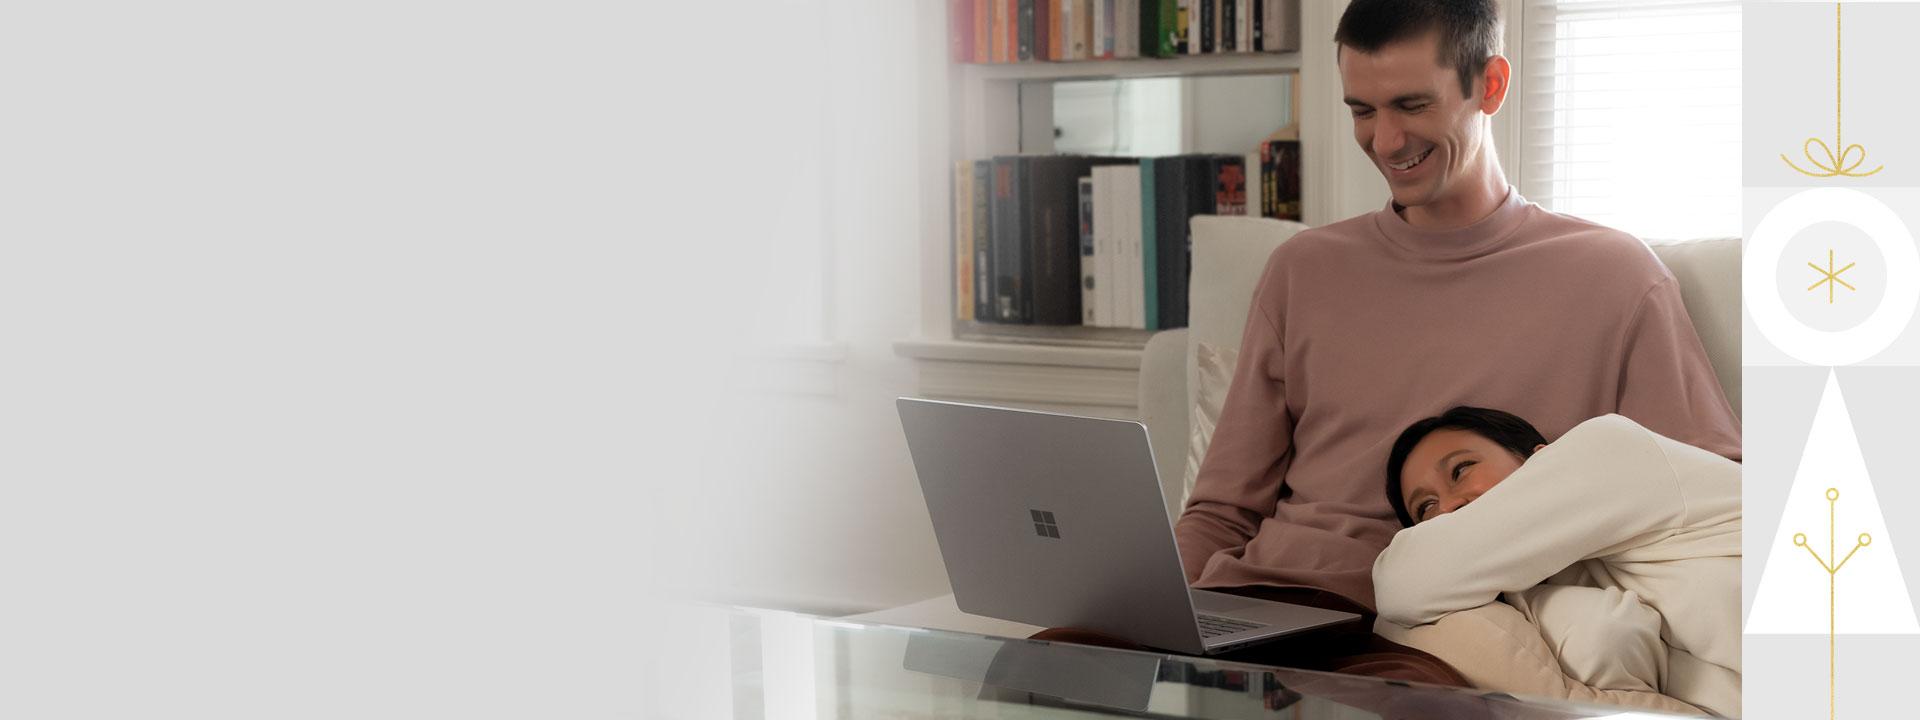 長椅子の上で Surface Laptop 3 を持っているカップル